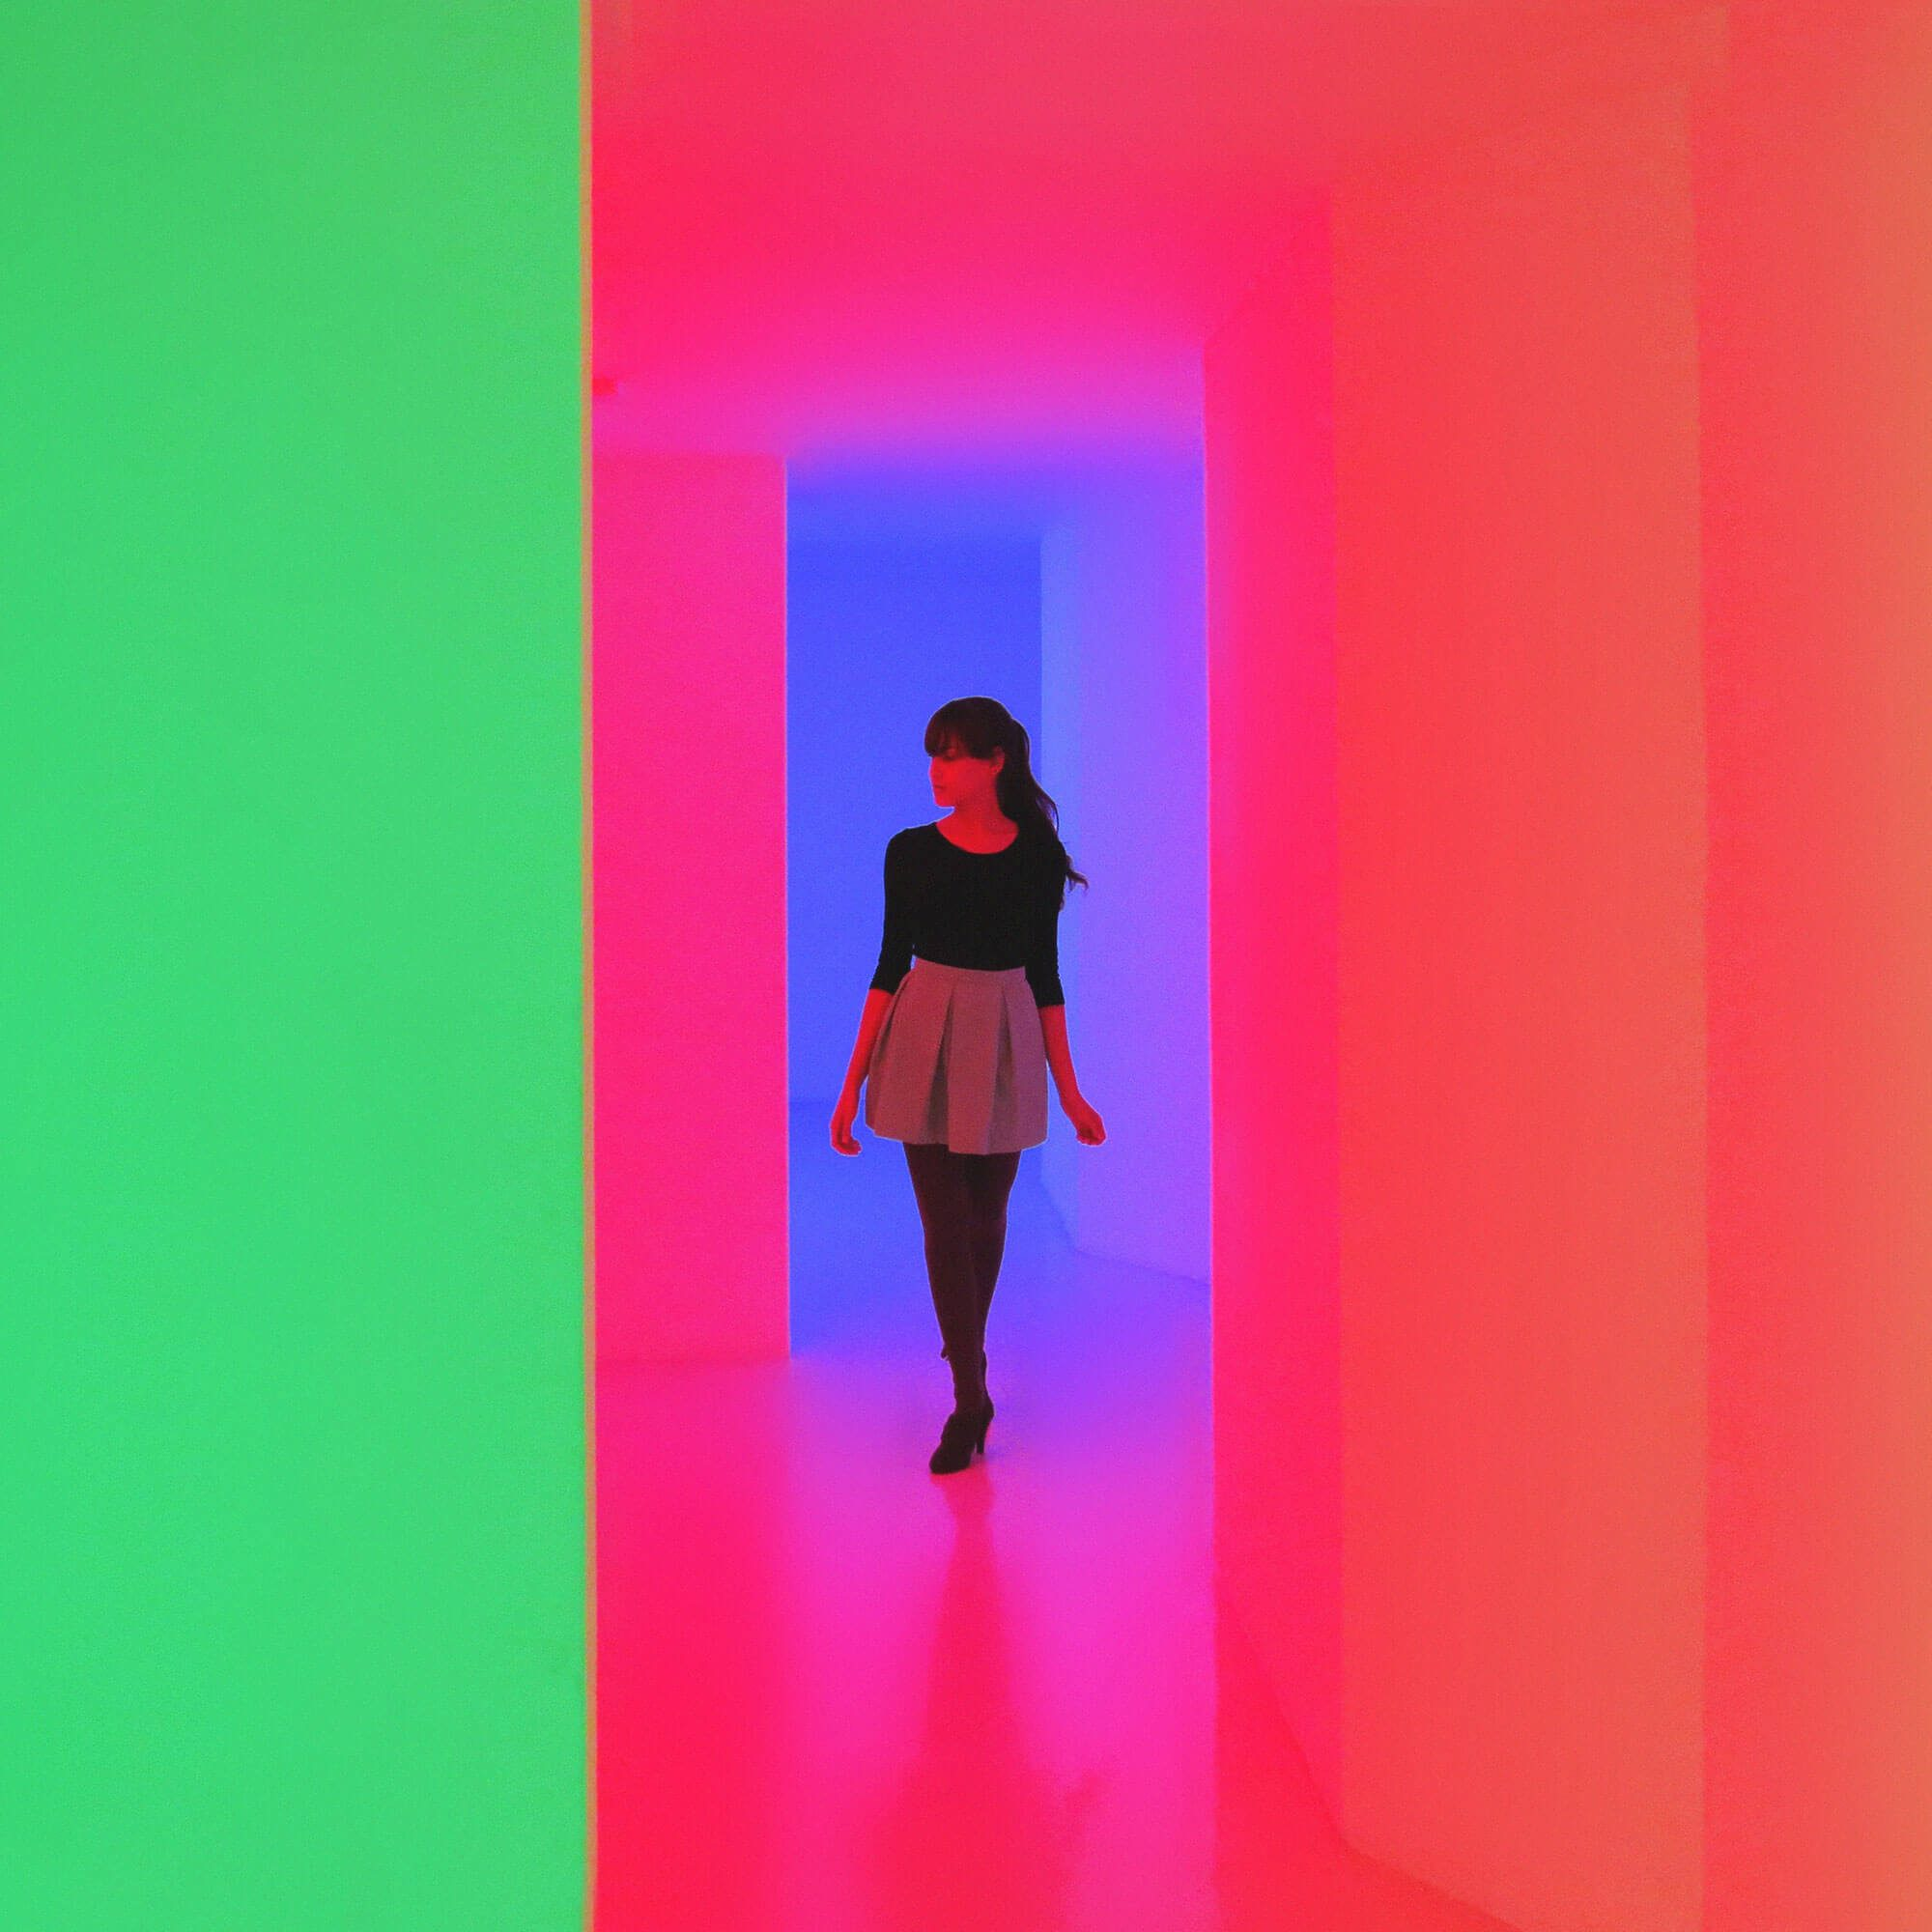 Girl in vibrant corridor